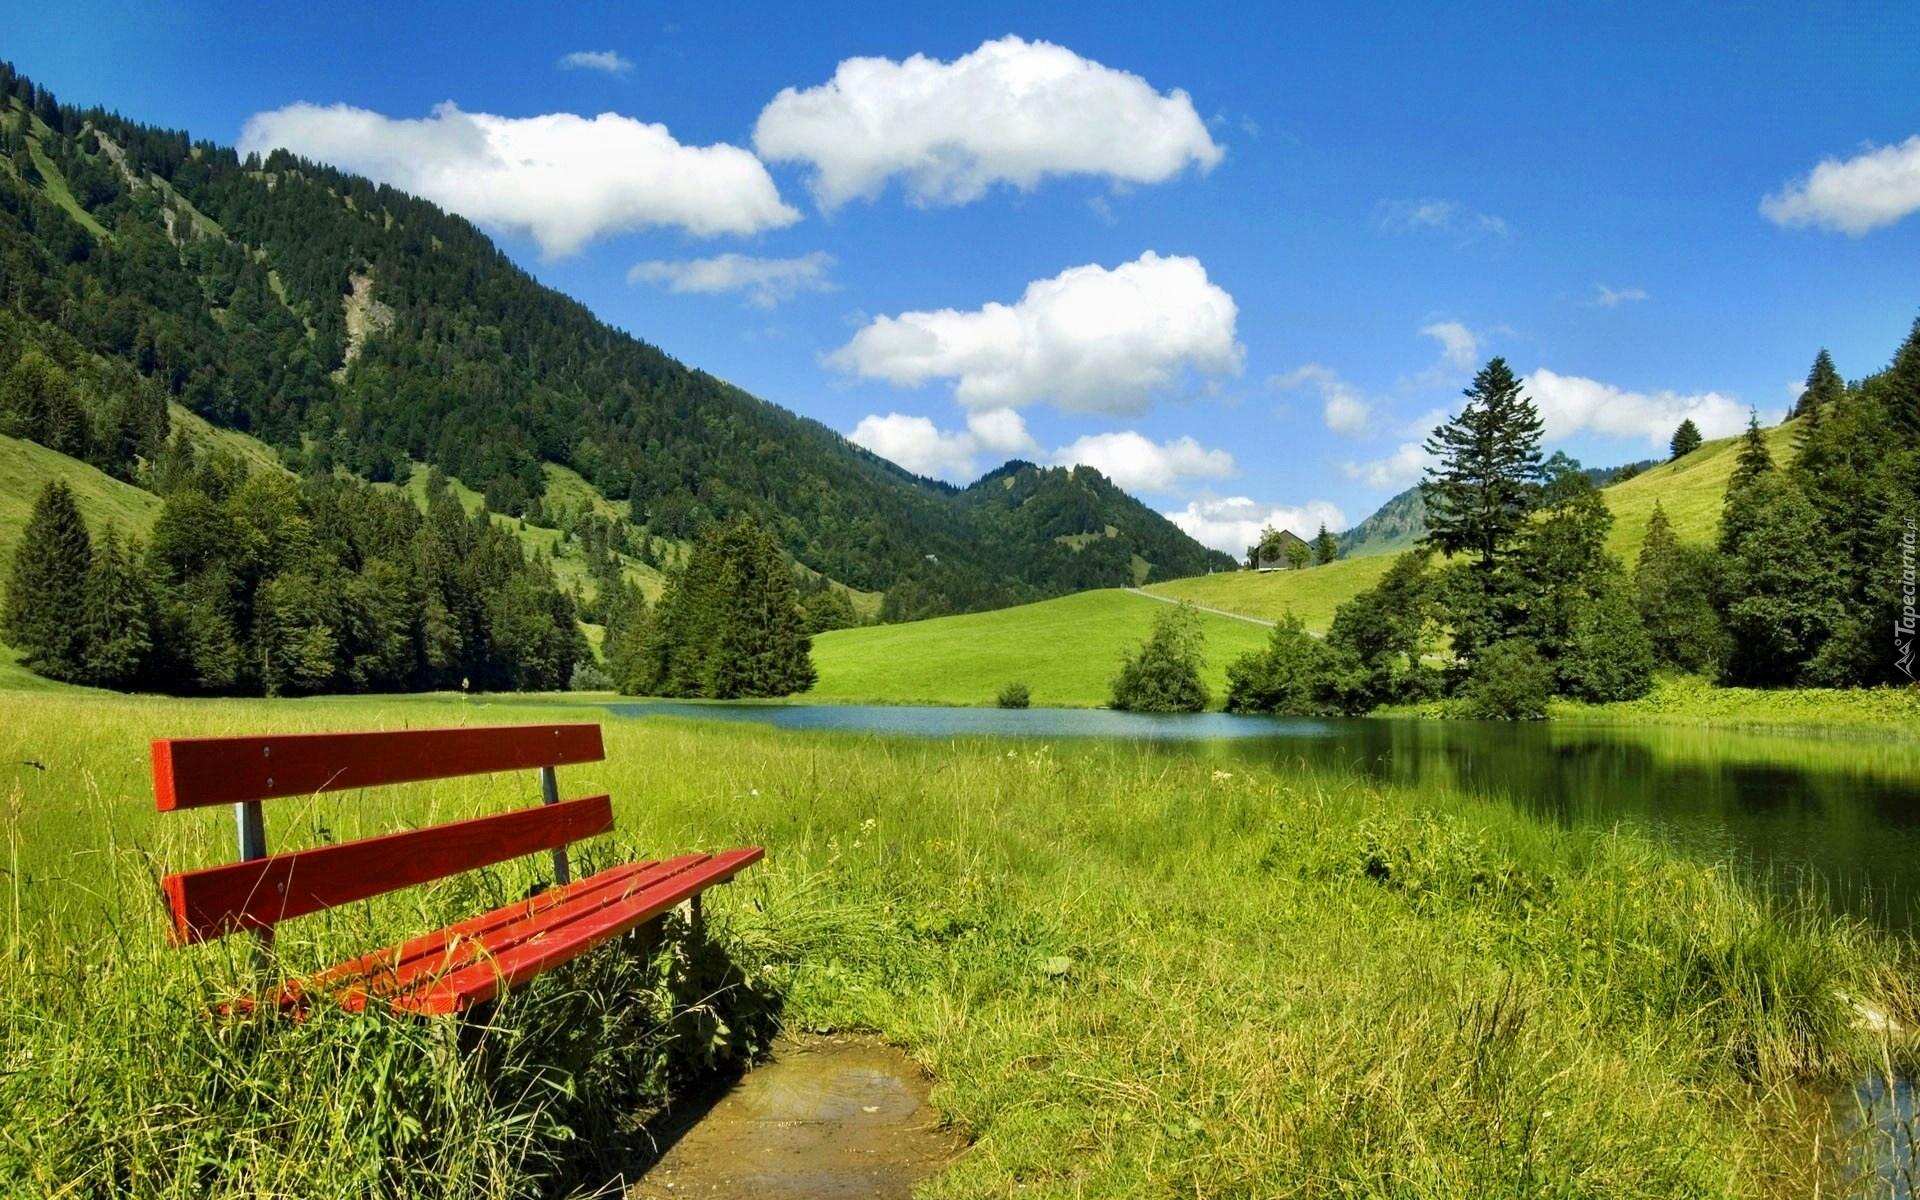 ели, трава, горы, скамейка загрузить